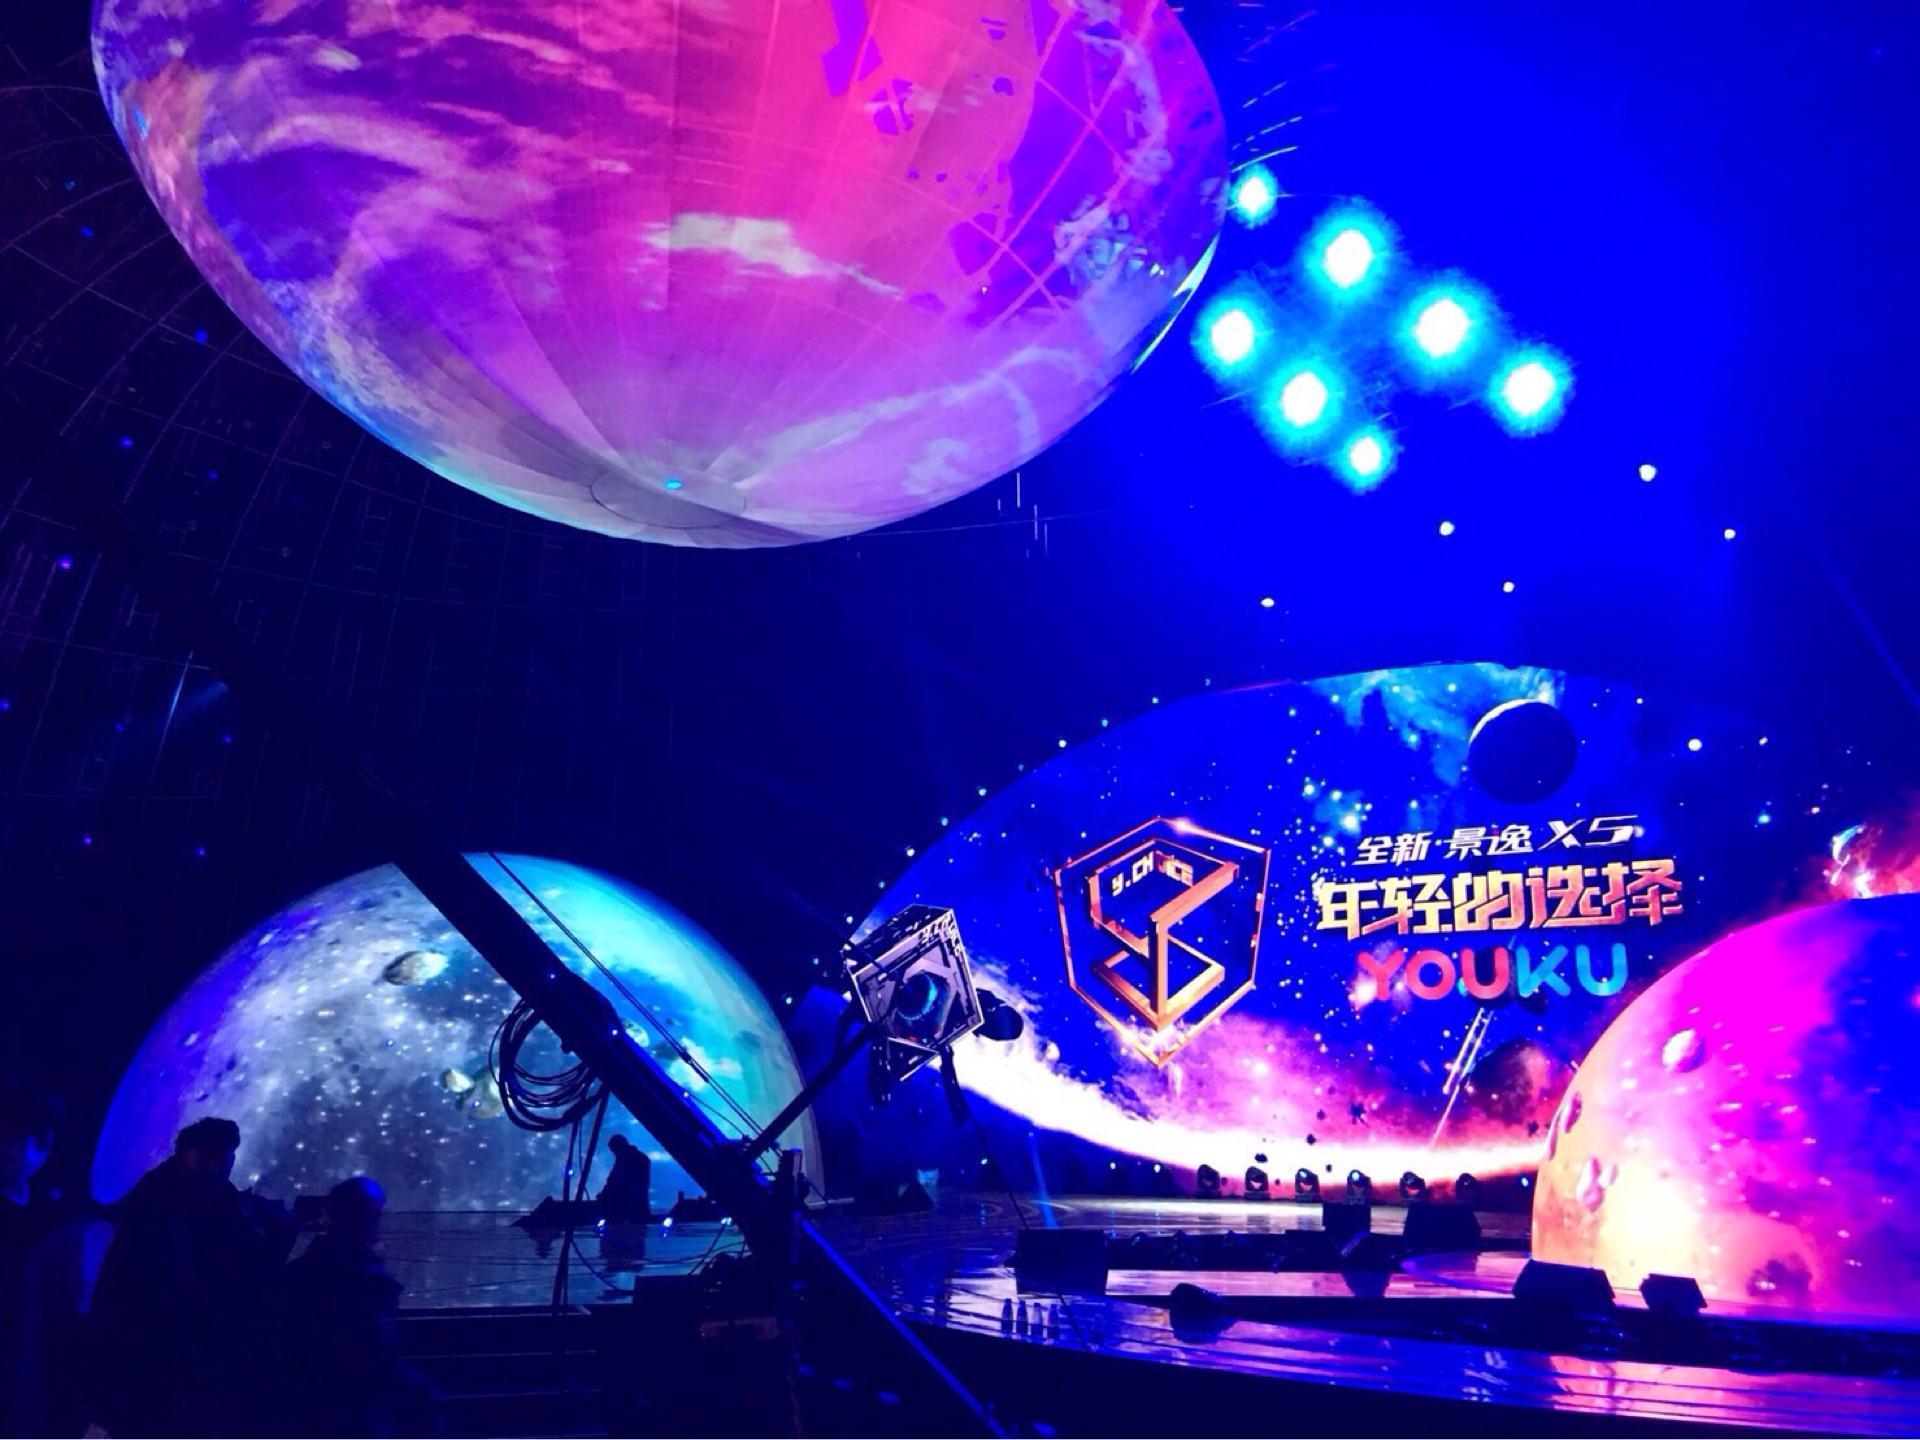 12/21 【 今夜 21:00〜 】 チーム8 中国 北京 2016 YOUKU祭典に参加! 【 動画配信あり ライブパフォーマンス披露!】YouTube動画>7本 ->画像>66枚